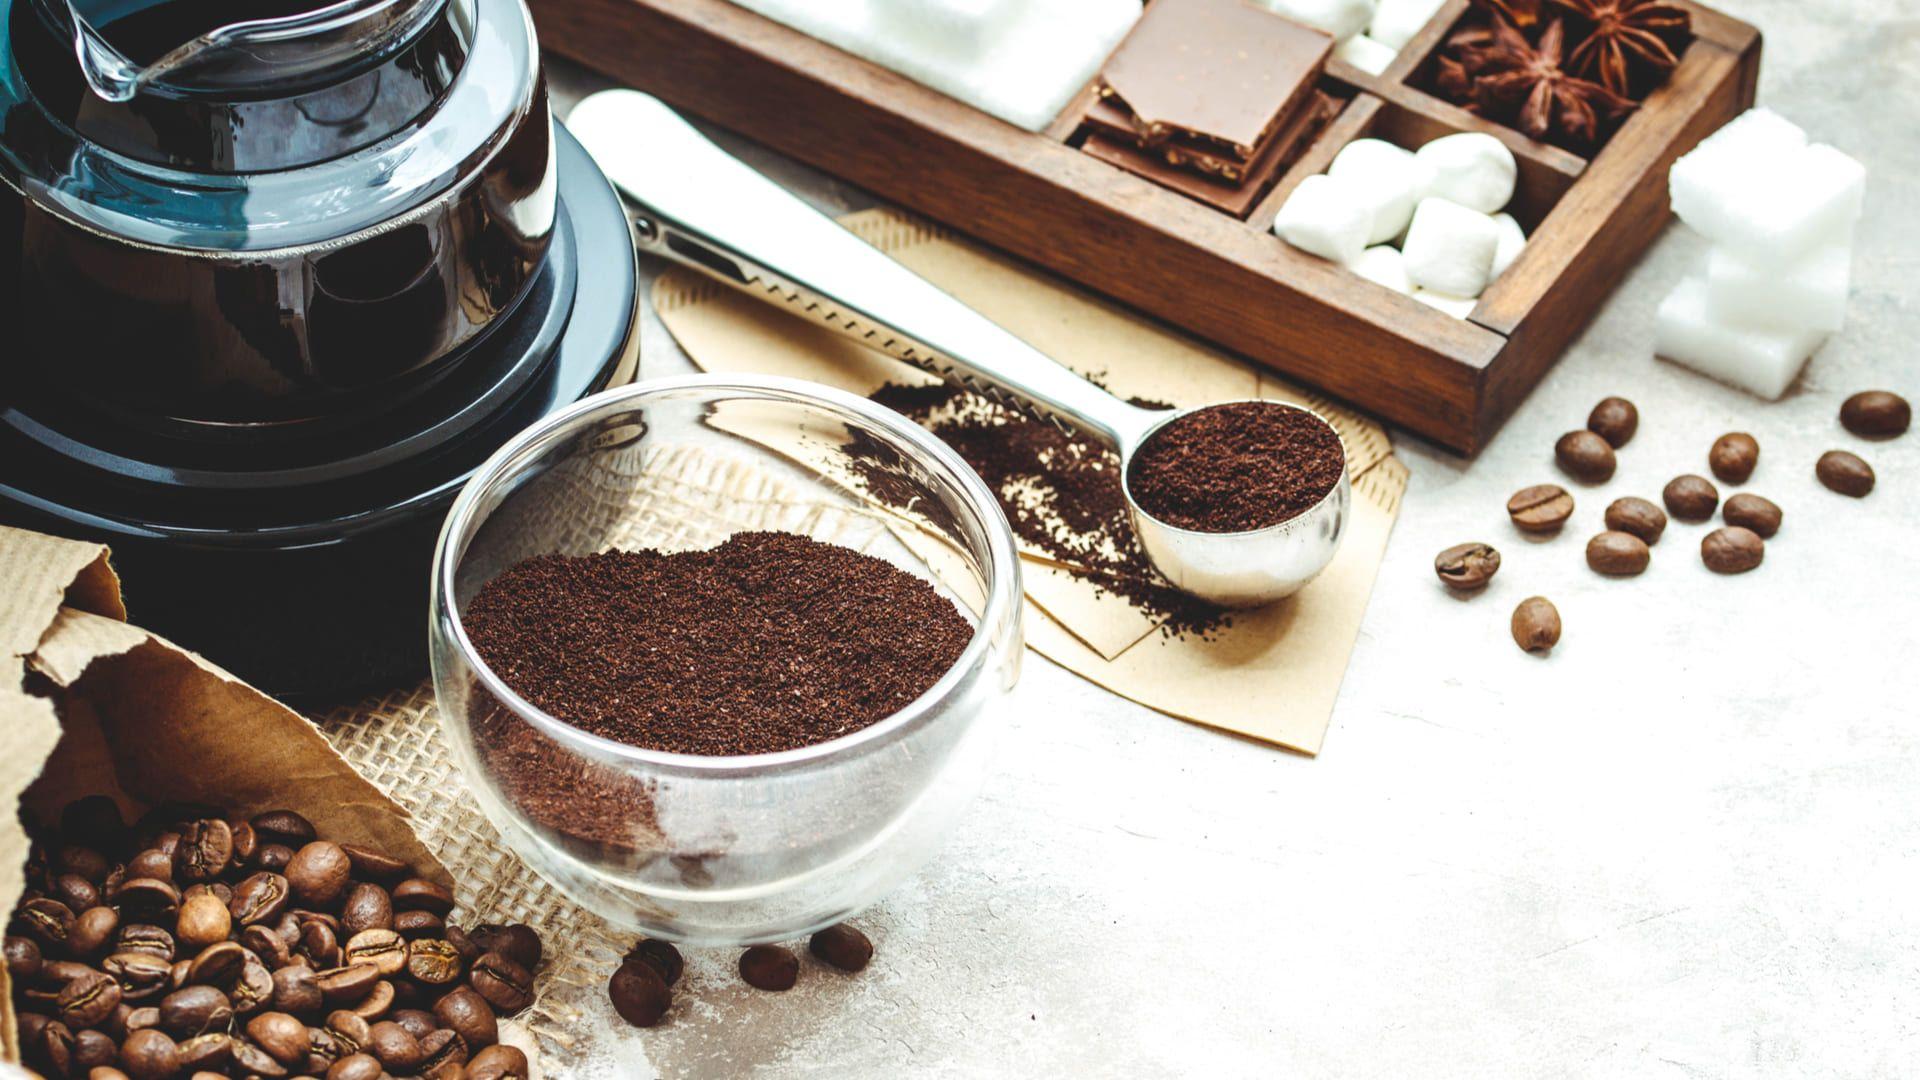 Confira o passo a passo para fazer café na cafeteira elétrica (Foto: Shutterstock)